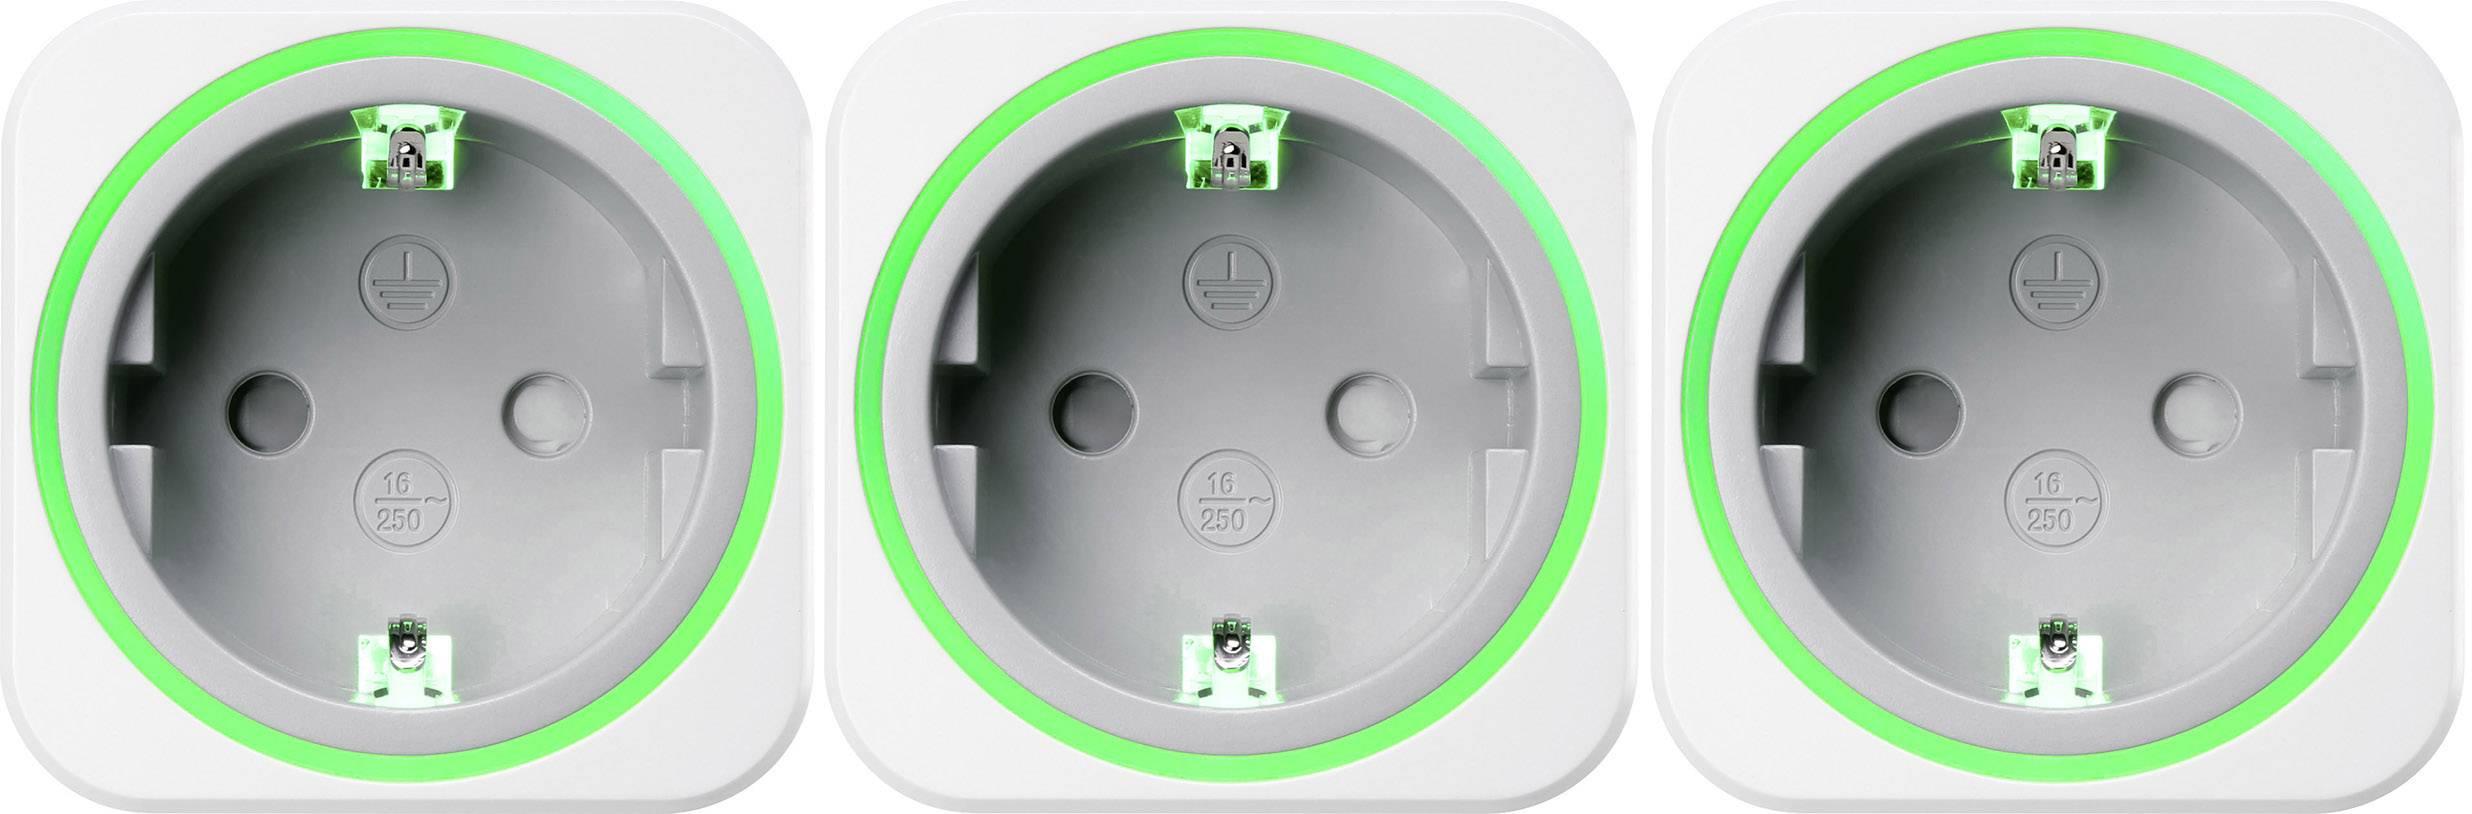 Měřič spotřeby el. energie VOLTCRAFT SEM6000